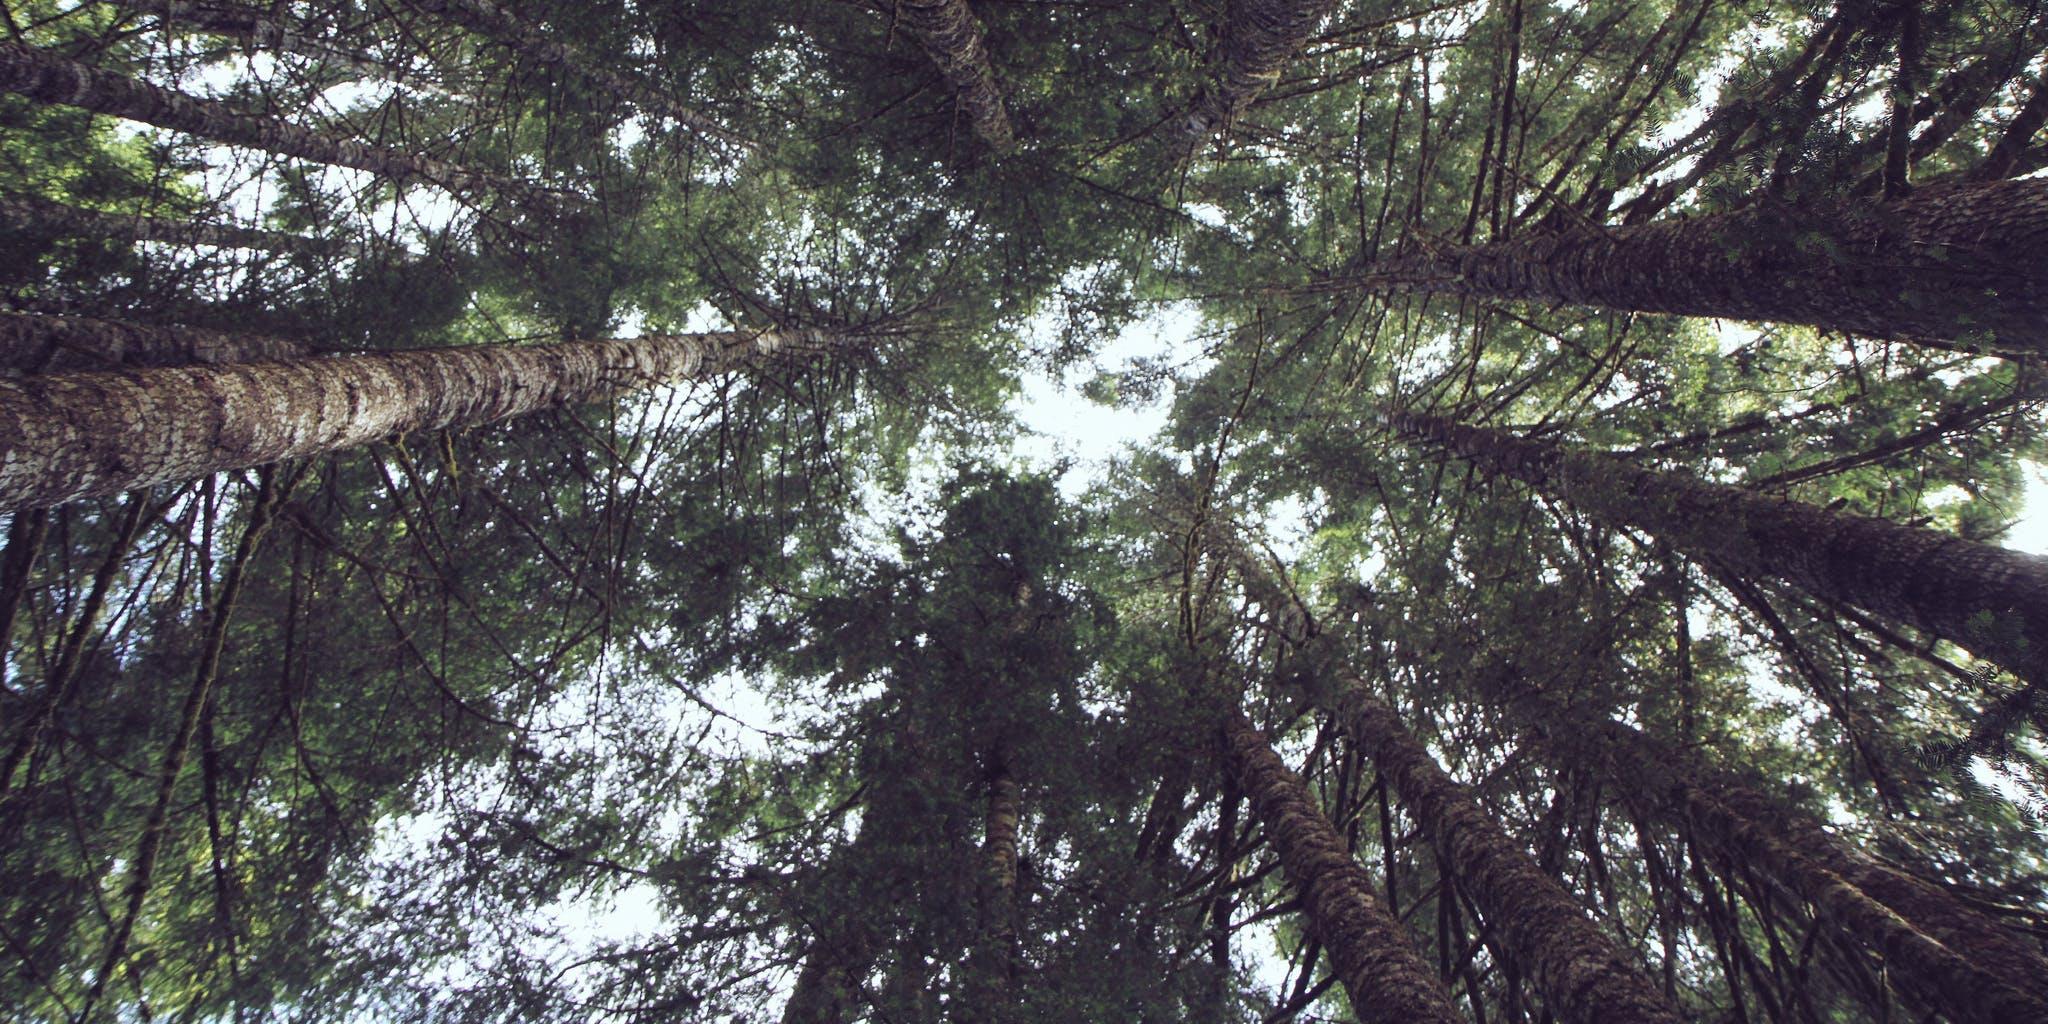 A grove of Douglas Fir trees